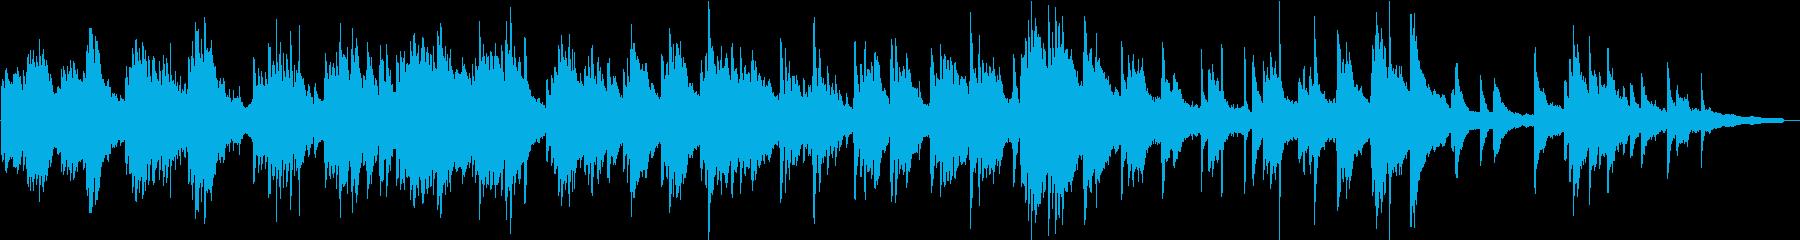 ヒーリングピアノ組曲 ただよう 7の再生済みの波形